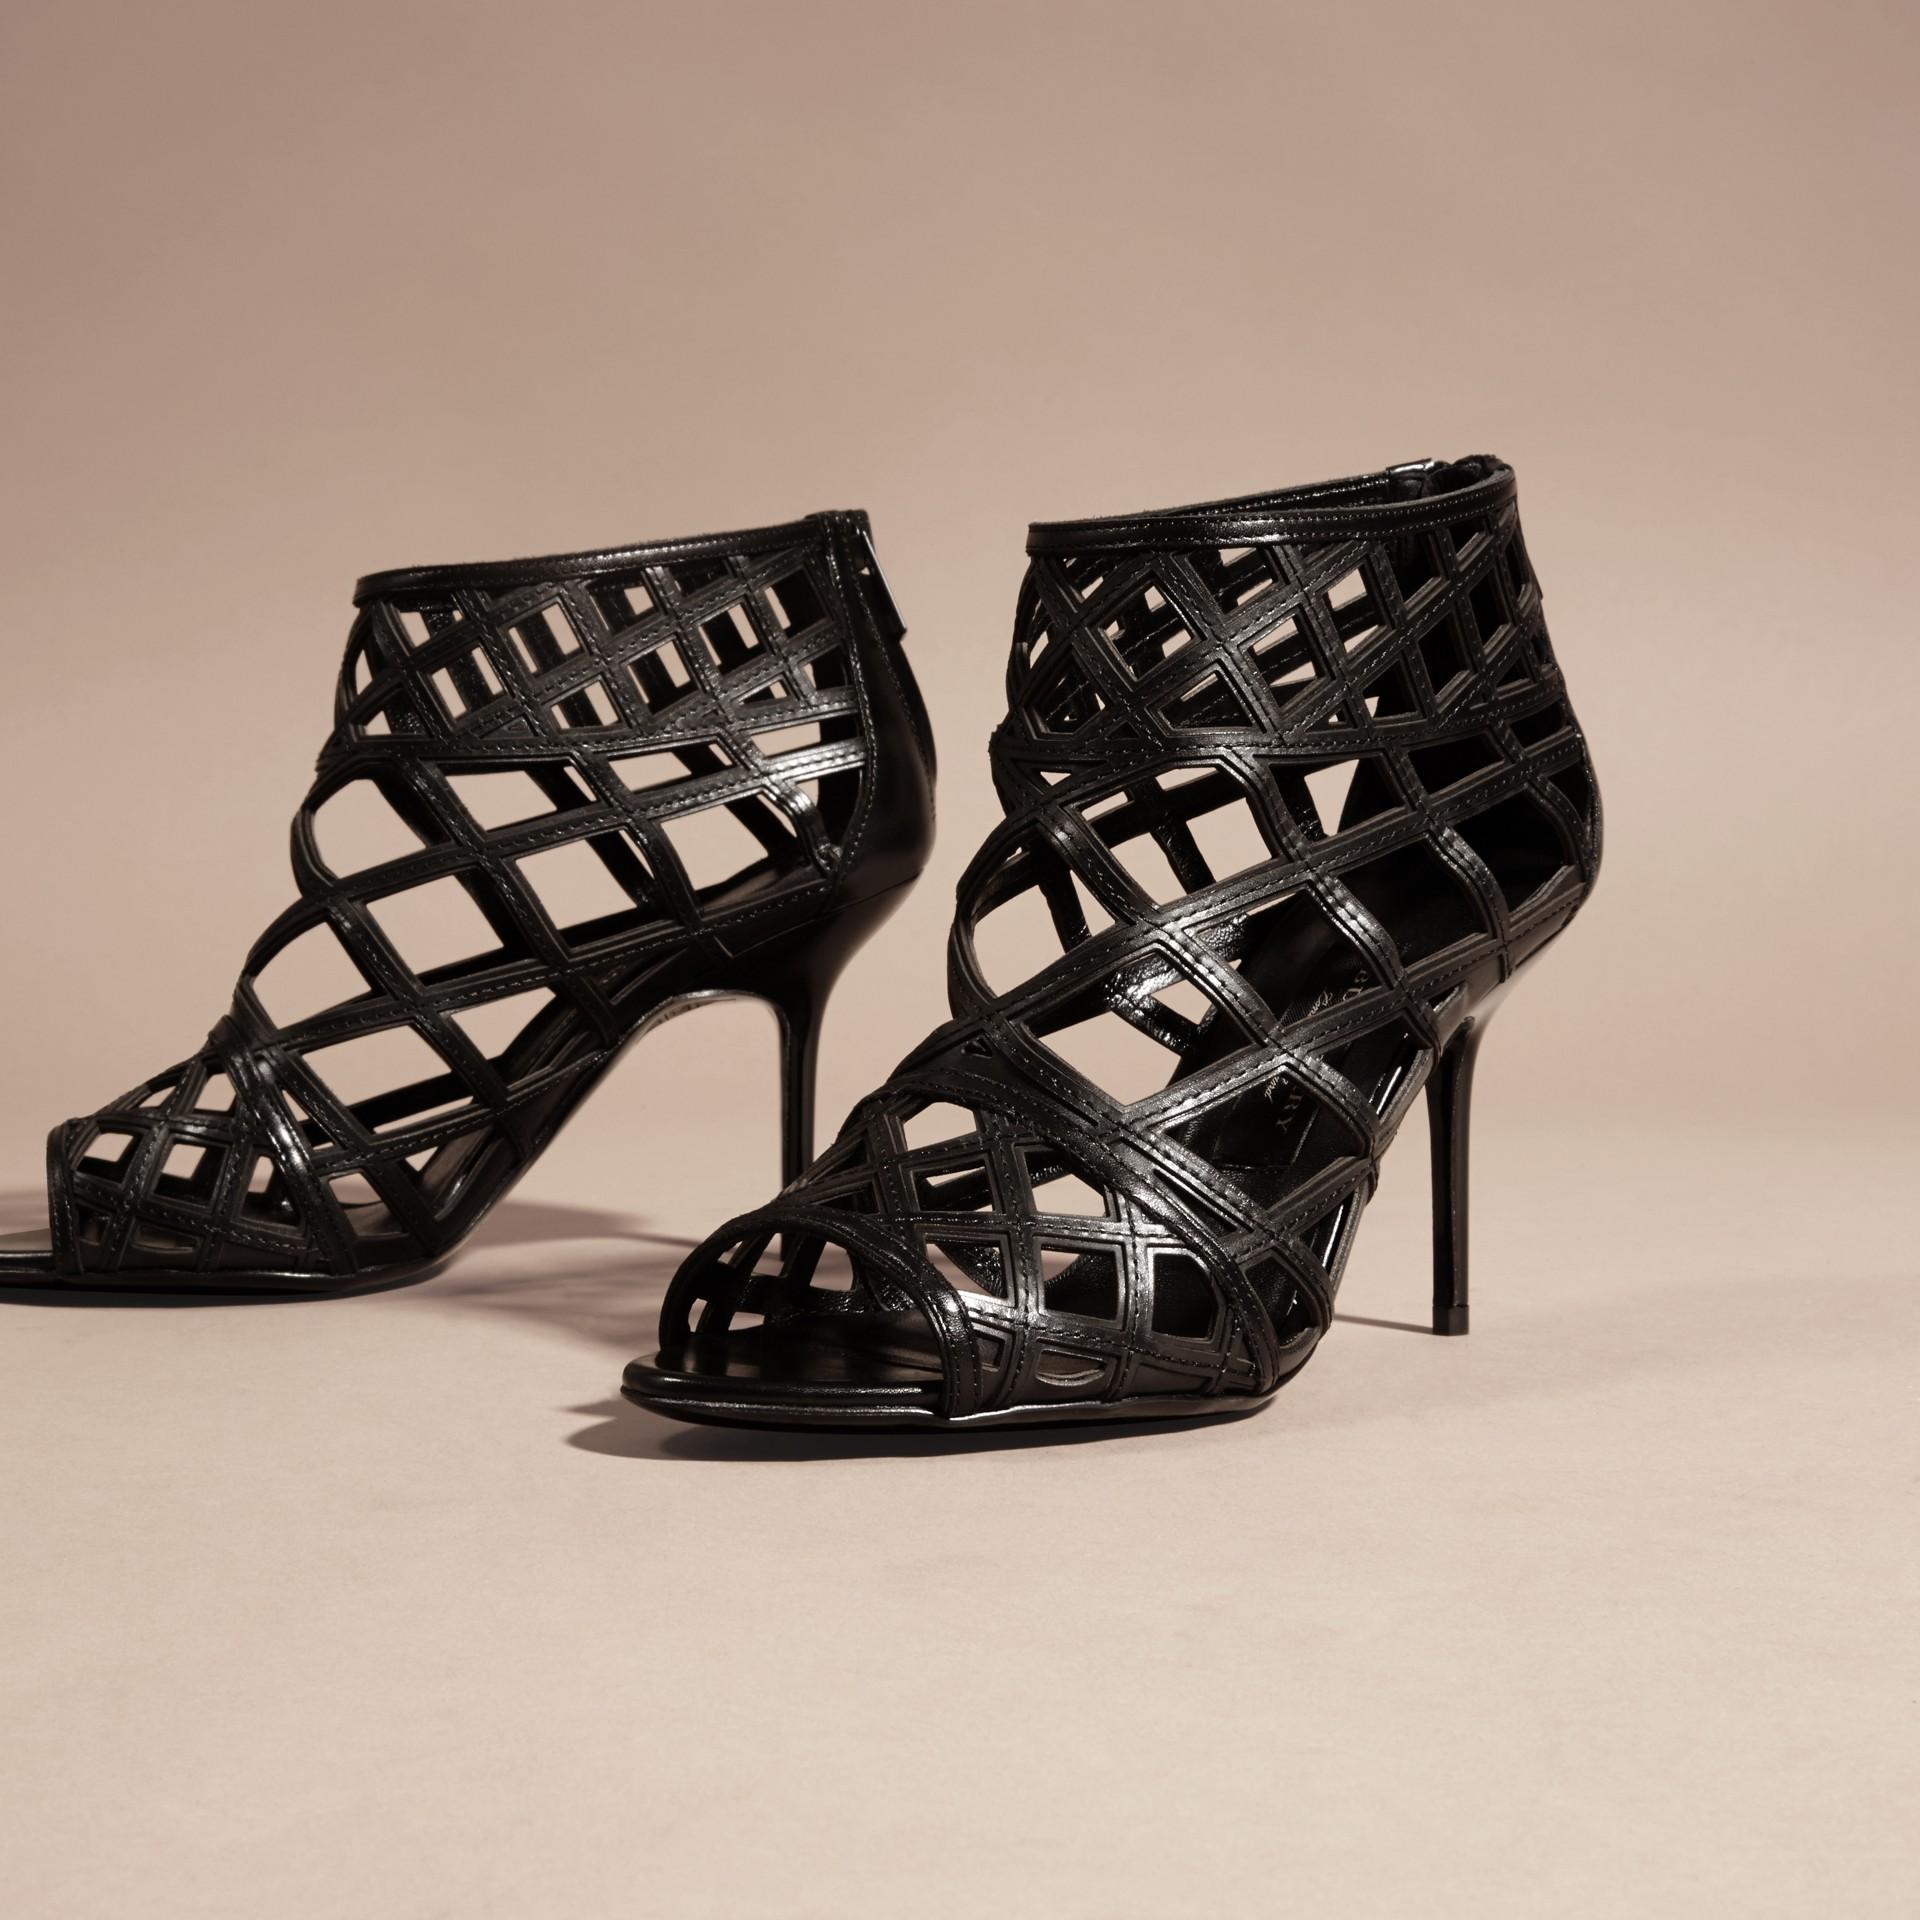 Schwarz Stiefeletten aus Leder mit Aussparungsdetail Schwarz - Galerie-Bild 3